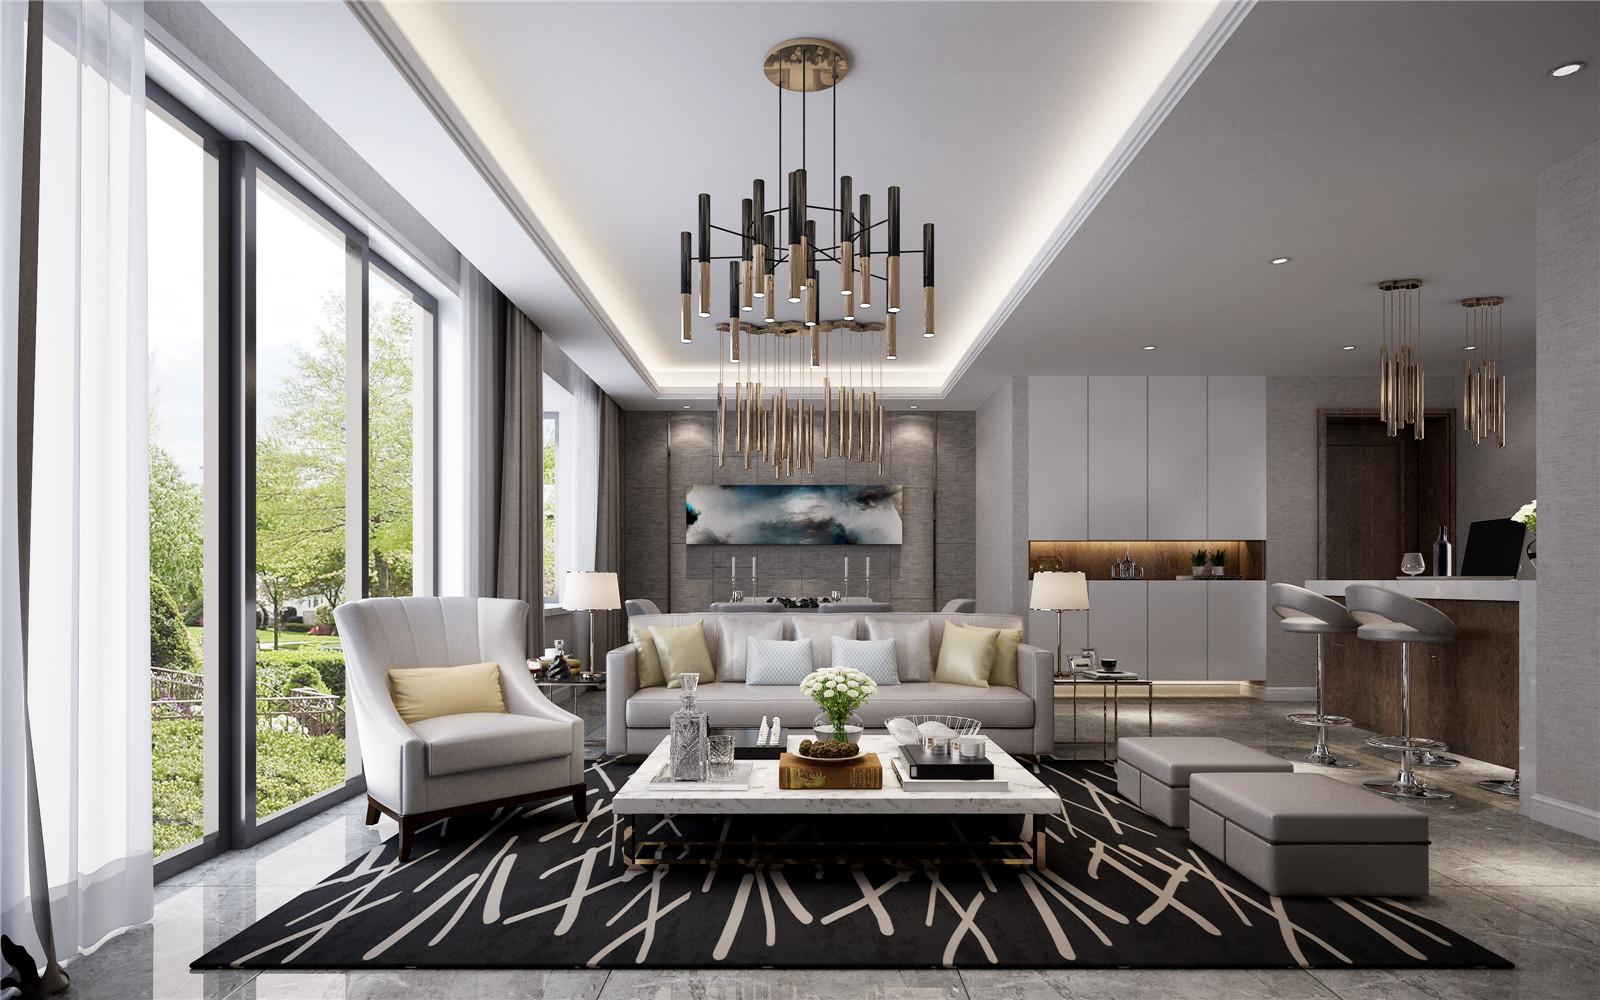 现代室内家具、灯具和陈列品的选型要服从整体空间的设计主题。家具应依据人体一定姿态下的肌肉、骨骼结构来选择、设计,从而调整人的体力损耗,减少肌肉的疲劳。灯光设计的发展方向主要有两大特点:一是根据功能细分为照明灯光、背景灯光和艺术灯光三类,不同居室灯光效果应为这三种类型的有机组合;二是灯光控制的智能化、模式化,也即控制方式由分开的开关发展为集中遥控,通过设定视听、会客、餐饮、学习、睡眠等组合灯光模式来选择最佳的效果。对于陈列品的设置上,应尽量突出个性和美感。 4、个性空间设计